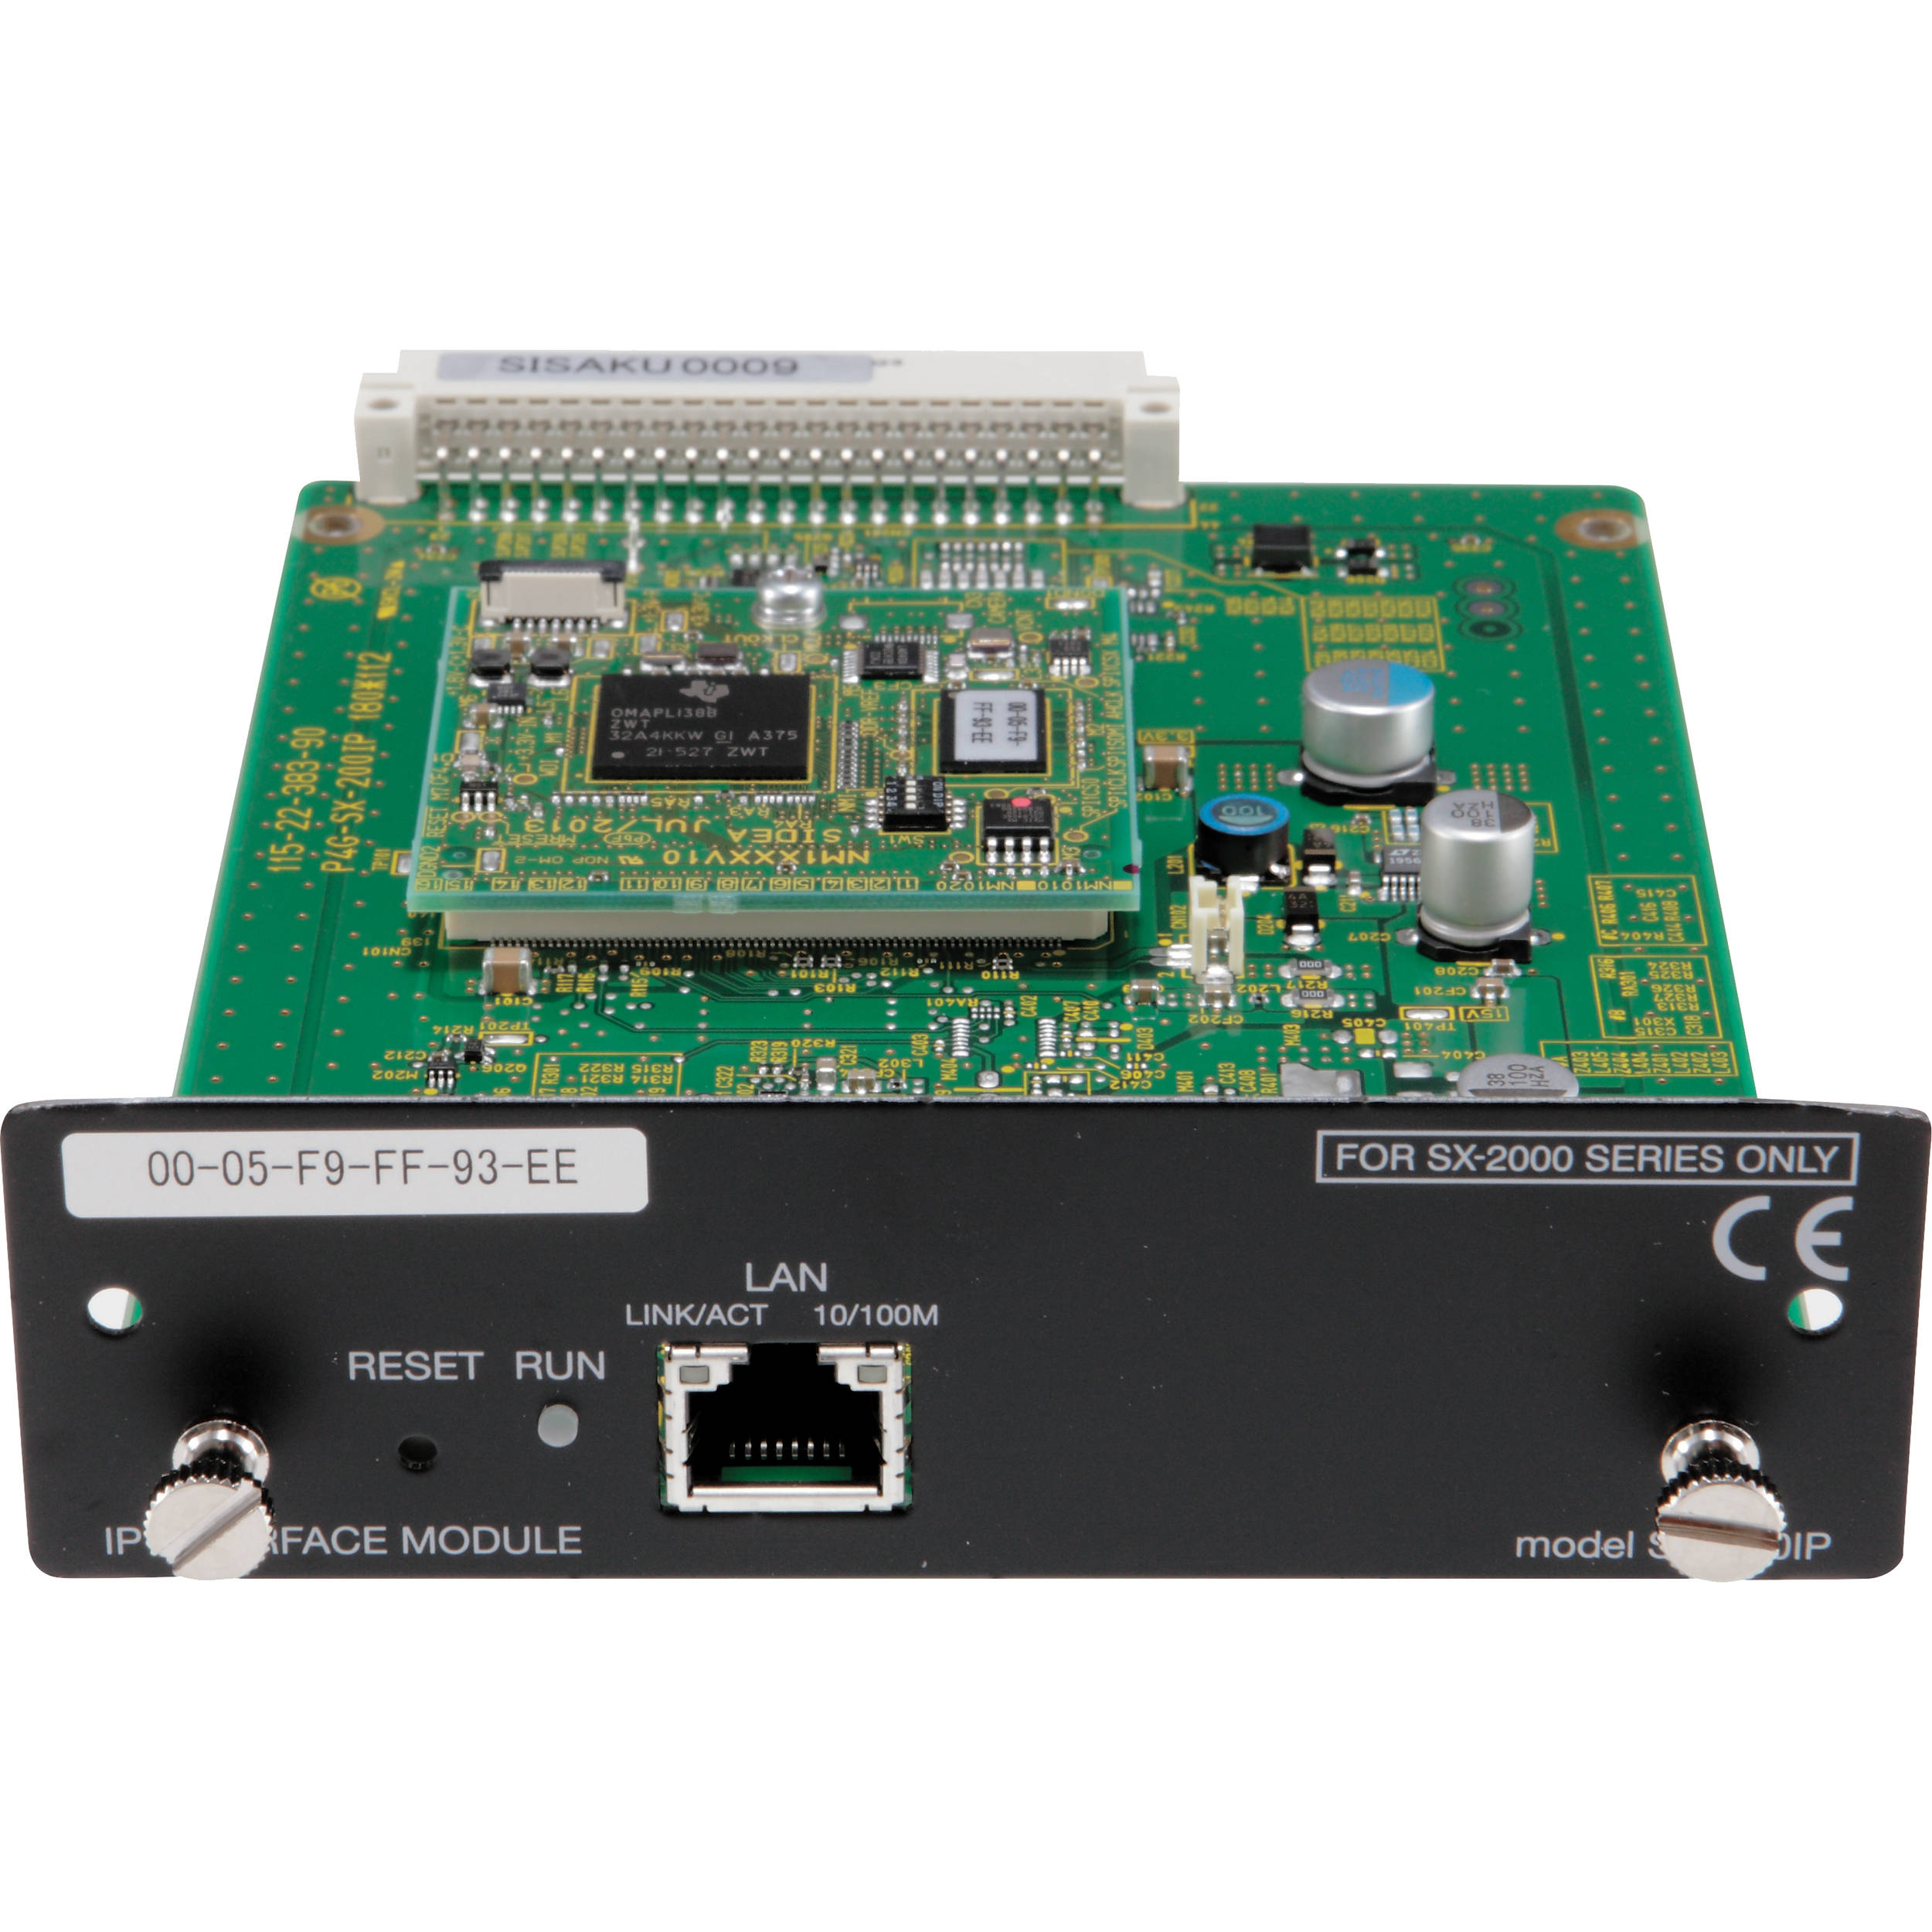 Dell Precision 450 NEC ND-2100A Last